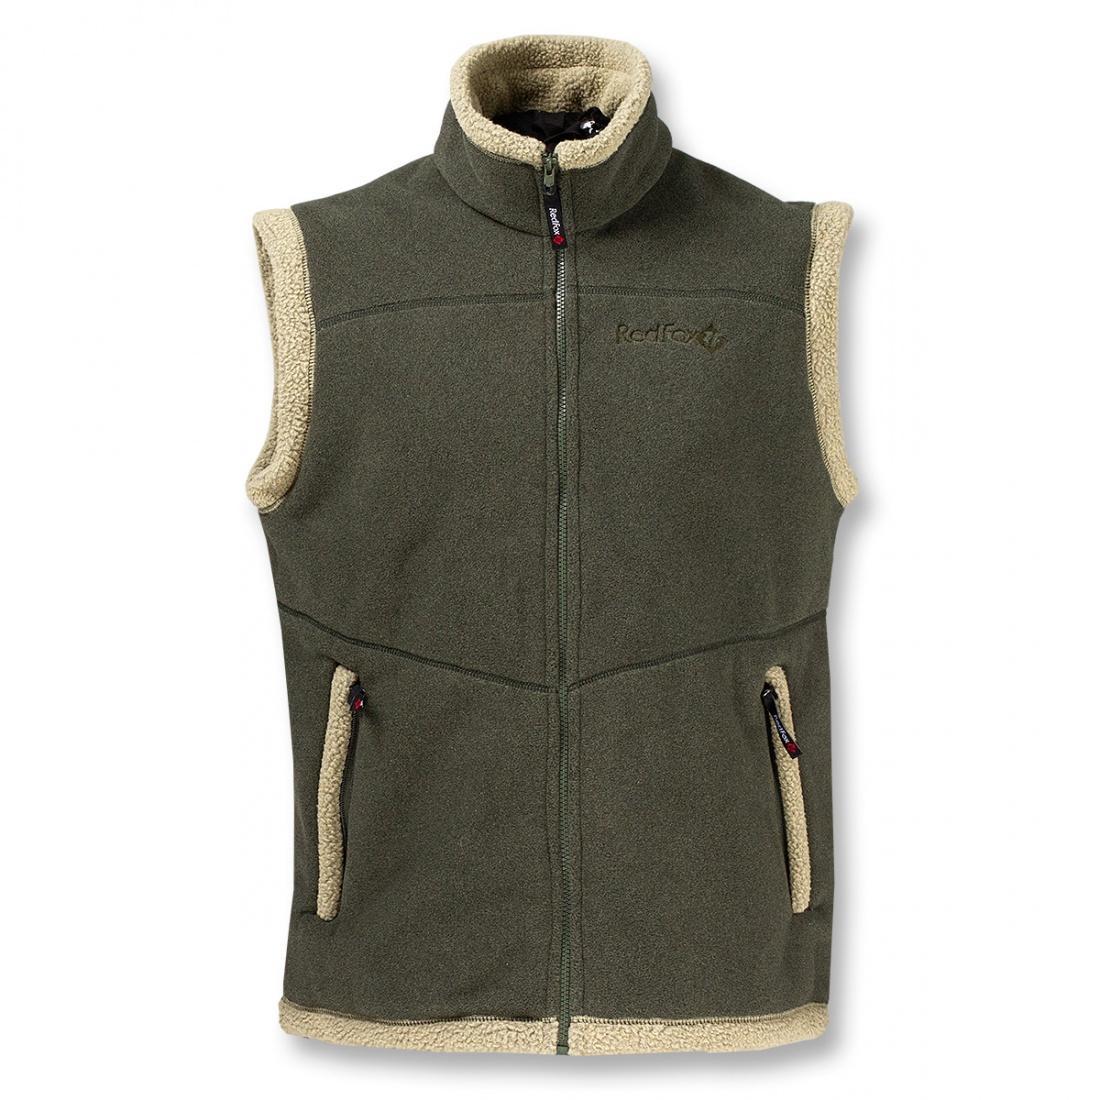 Жилет LhasaЖилеты<br><br> Очень теплый жилет из материала Polartec® 300, выполненный в стилистике куртки Cliff.<br><br><br> Основные характеристики<br><br><br><br><br>воротник ...<br><br>Цвет: Зеленый<br>Размер: 56